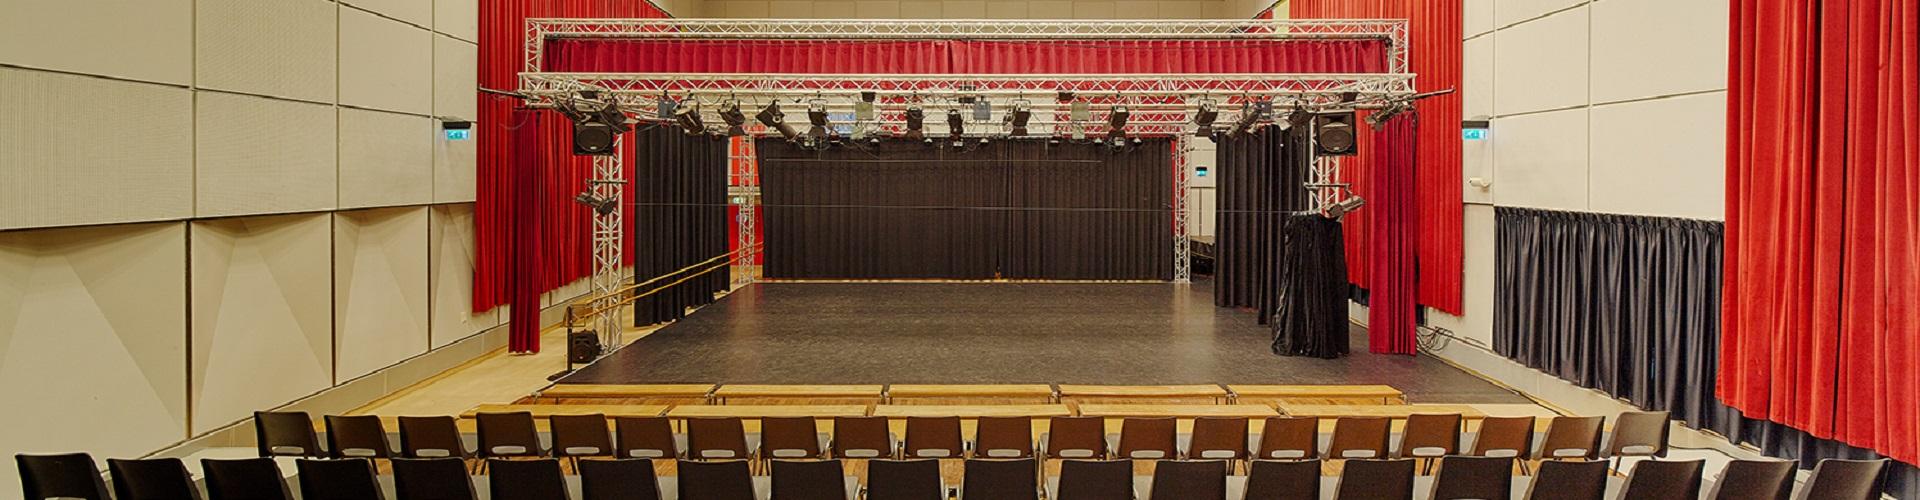 theater Studio 8 banner.jpg